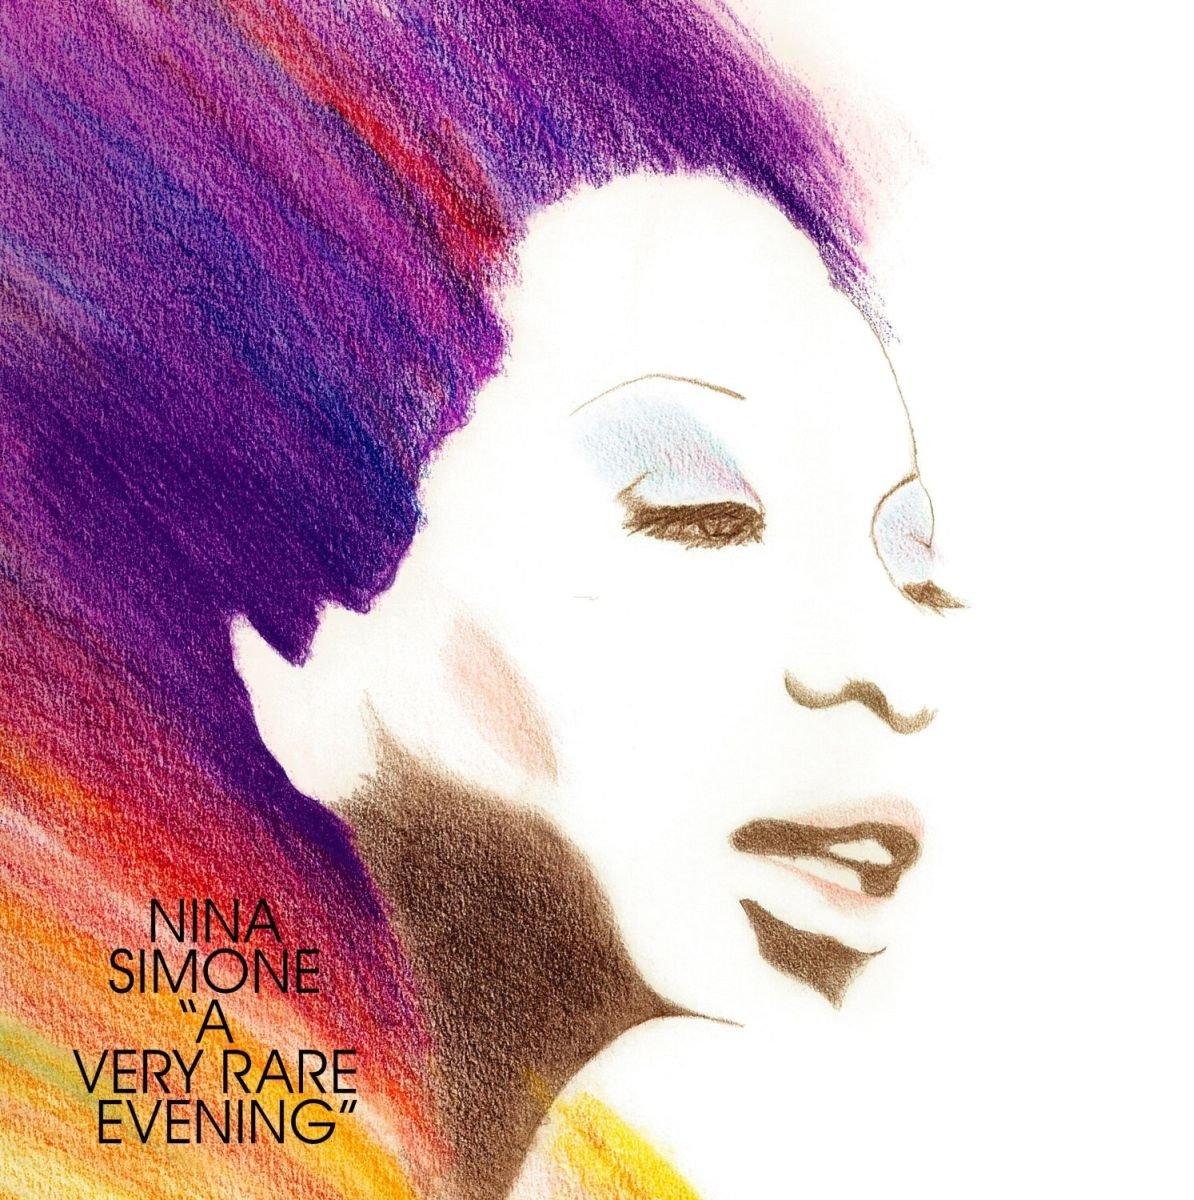 Nina Simone - A Very Rare Evening (LP Vinyl)